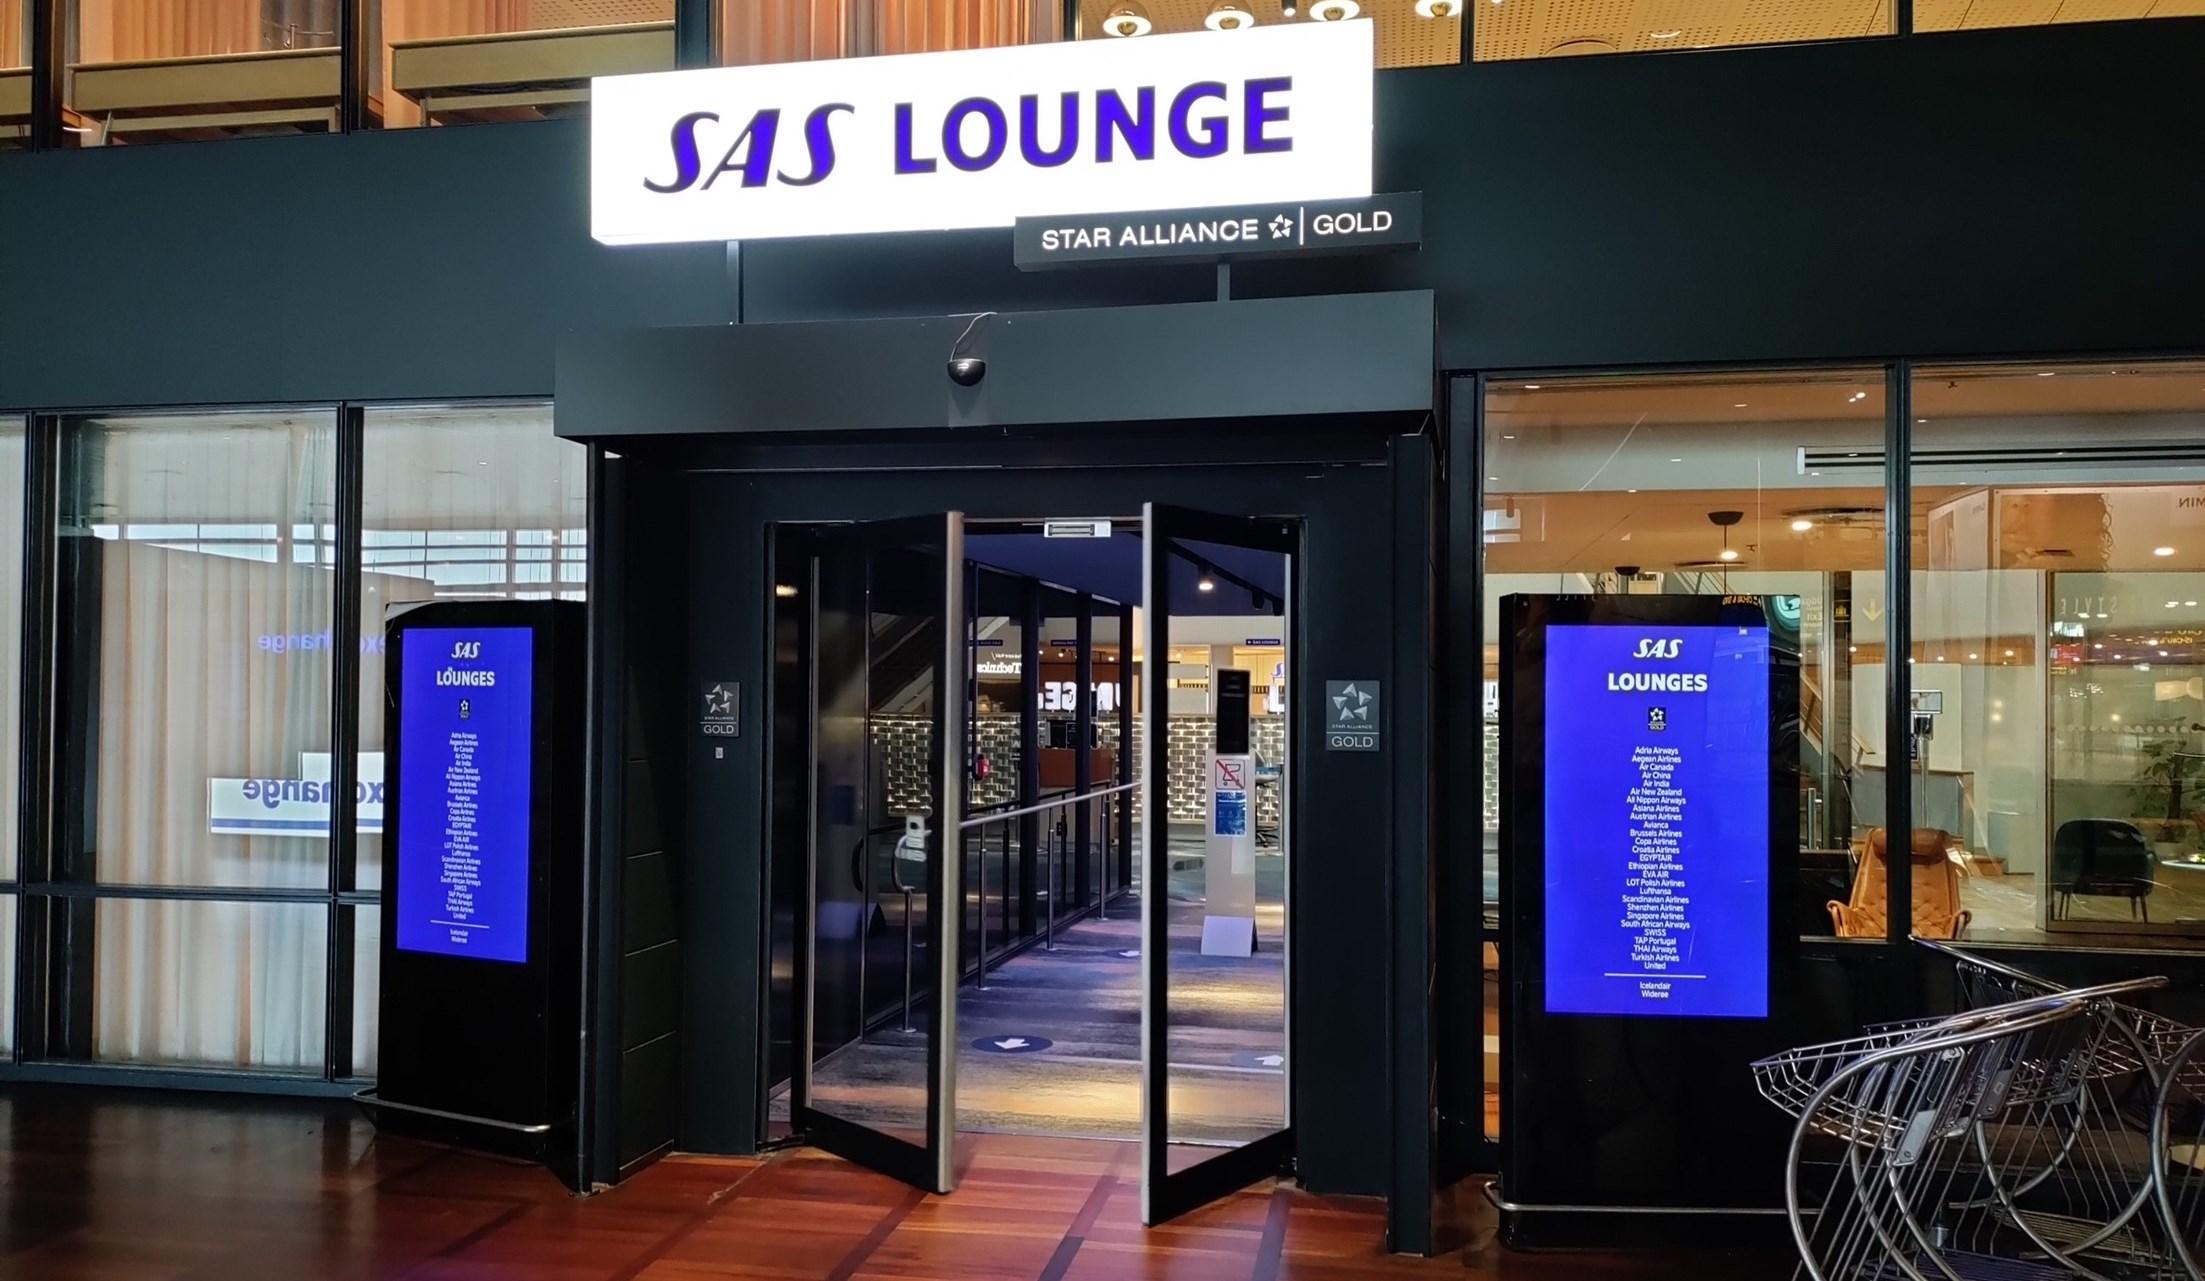 Indgangen til SAS Lounge i Københavns Lufthavn. (Foto: Matthias Wagner)